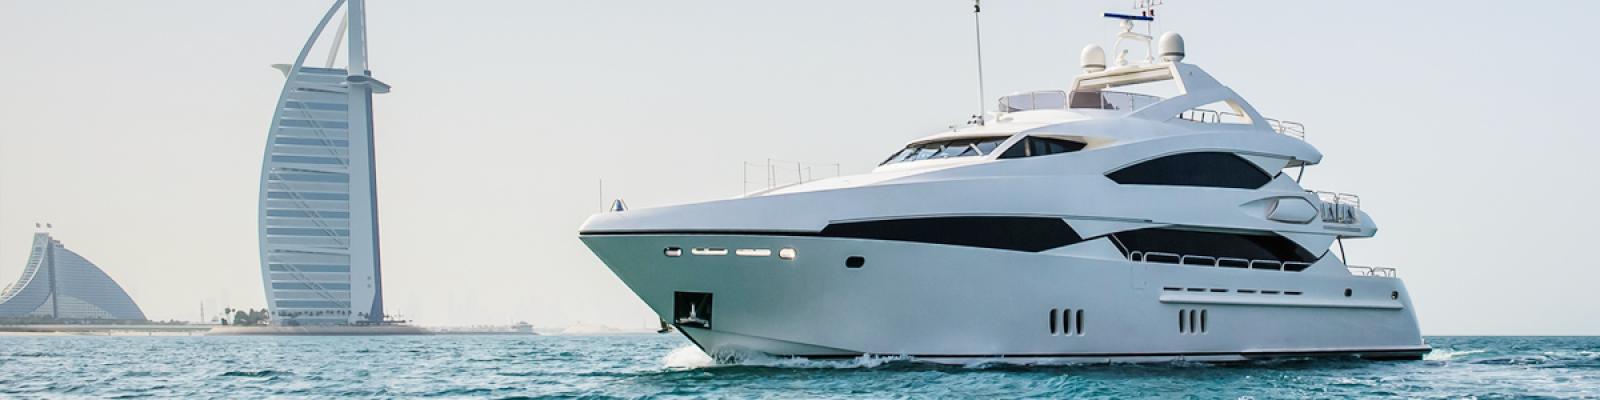 yacht cruise dubai, dubai yacht tour, dubai marina yacht tour, Yacht Cruise trip